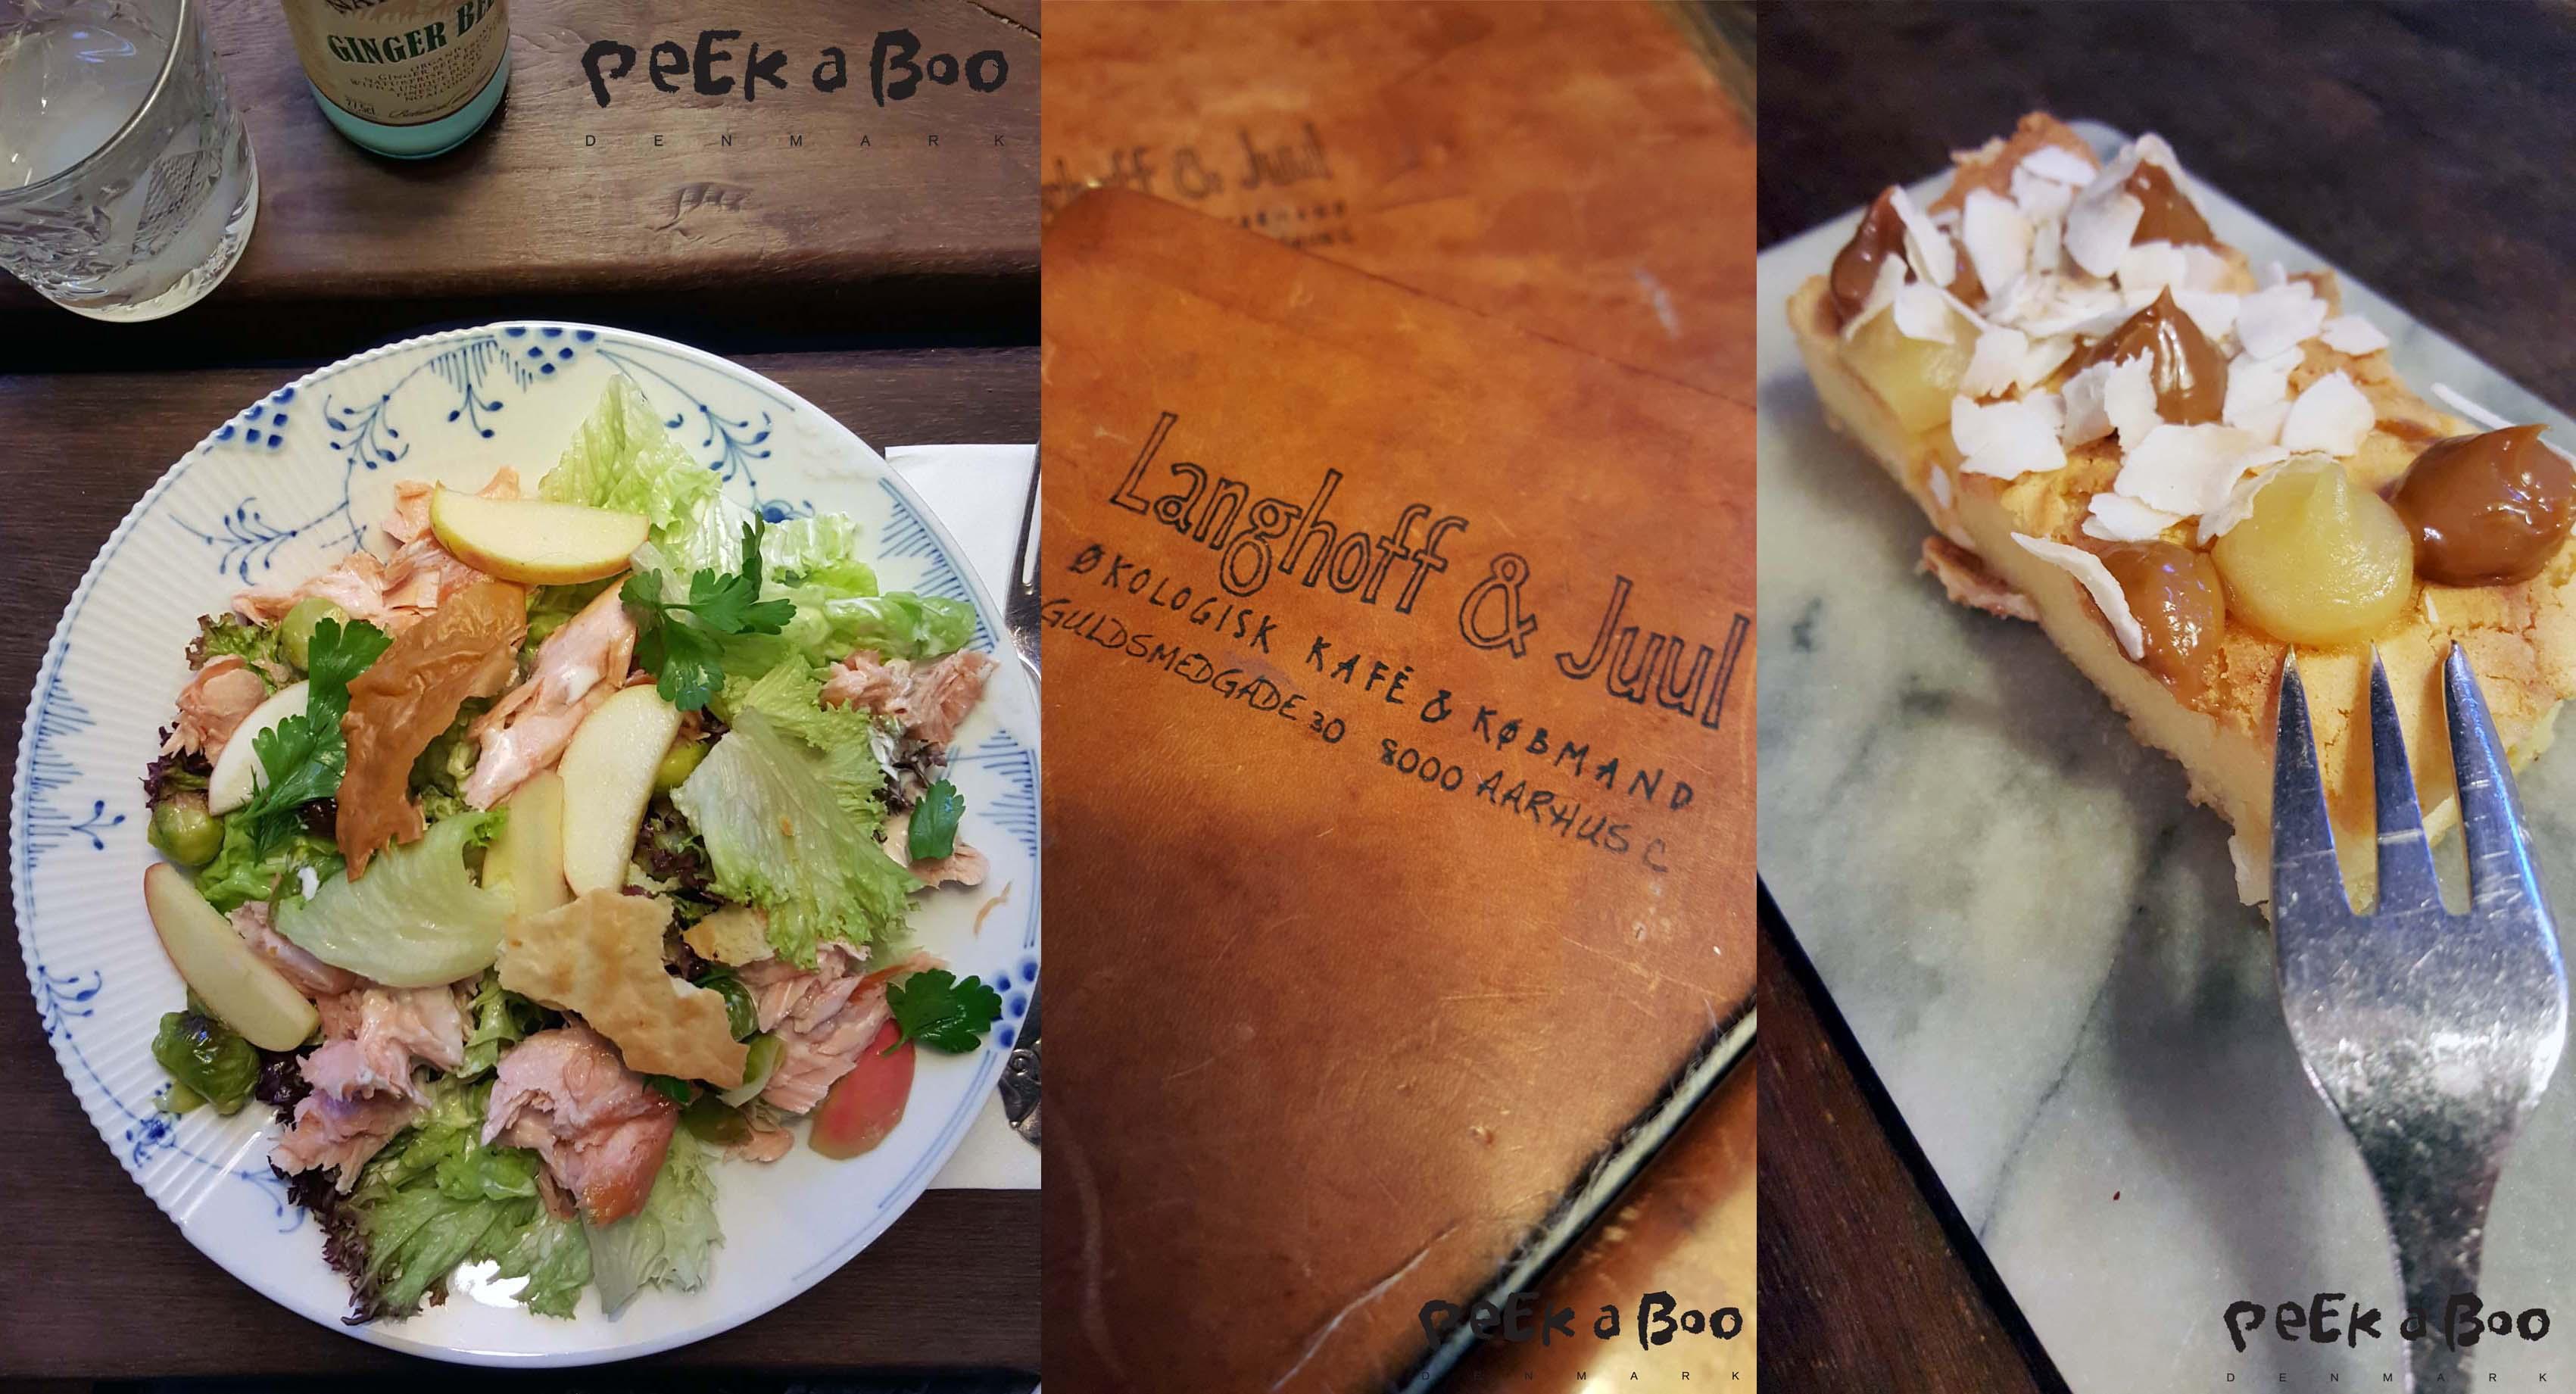 Menuen jeg fik på Langhoff & Juul. Salat med varmrøget laks, og hvid brownie til dessert, alt af økologiske råvarer, virkelig lækkert.